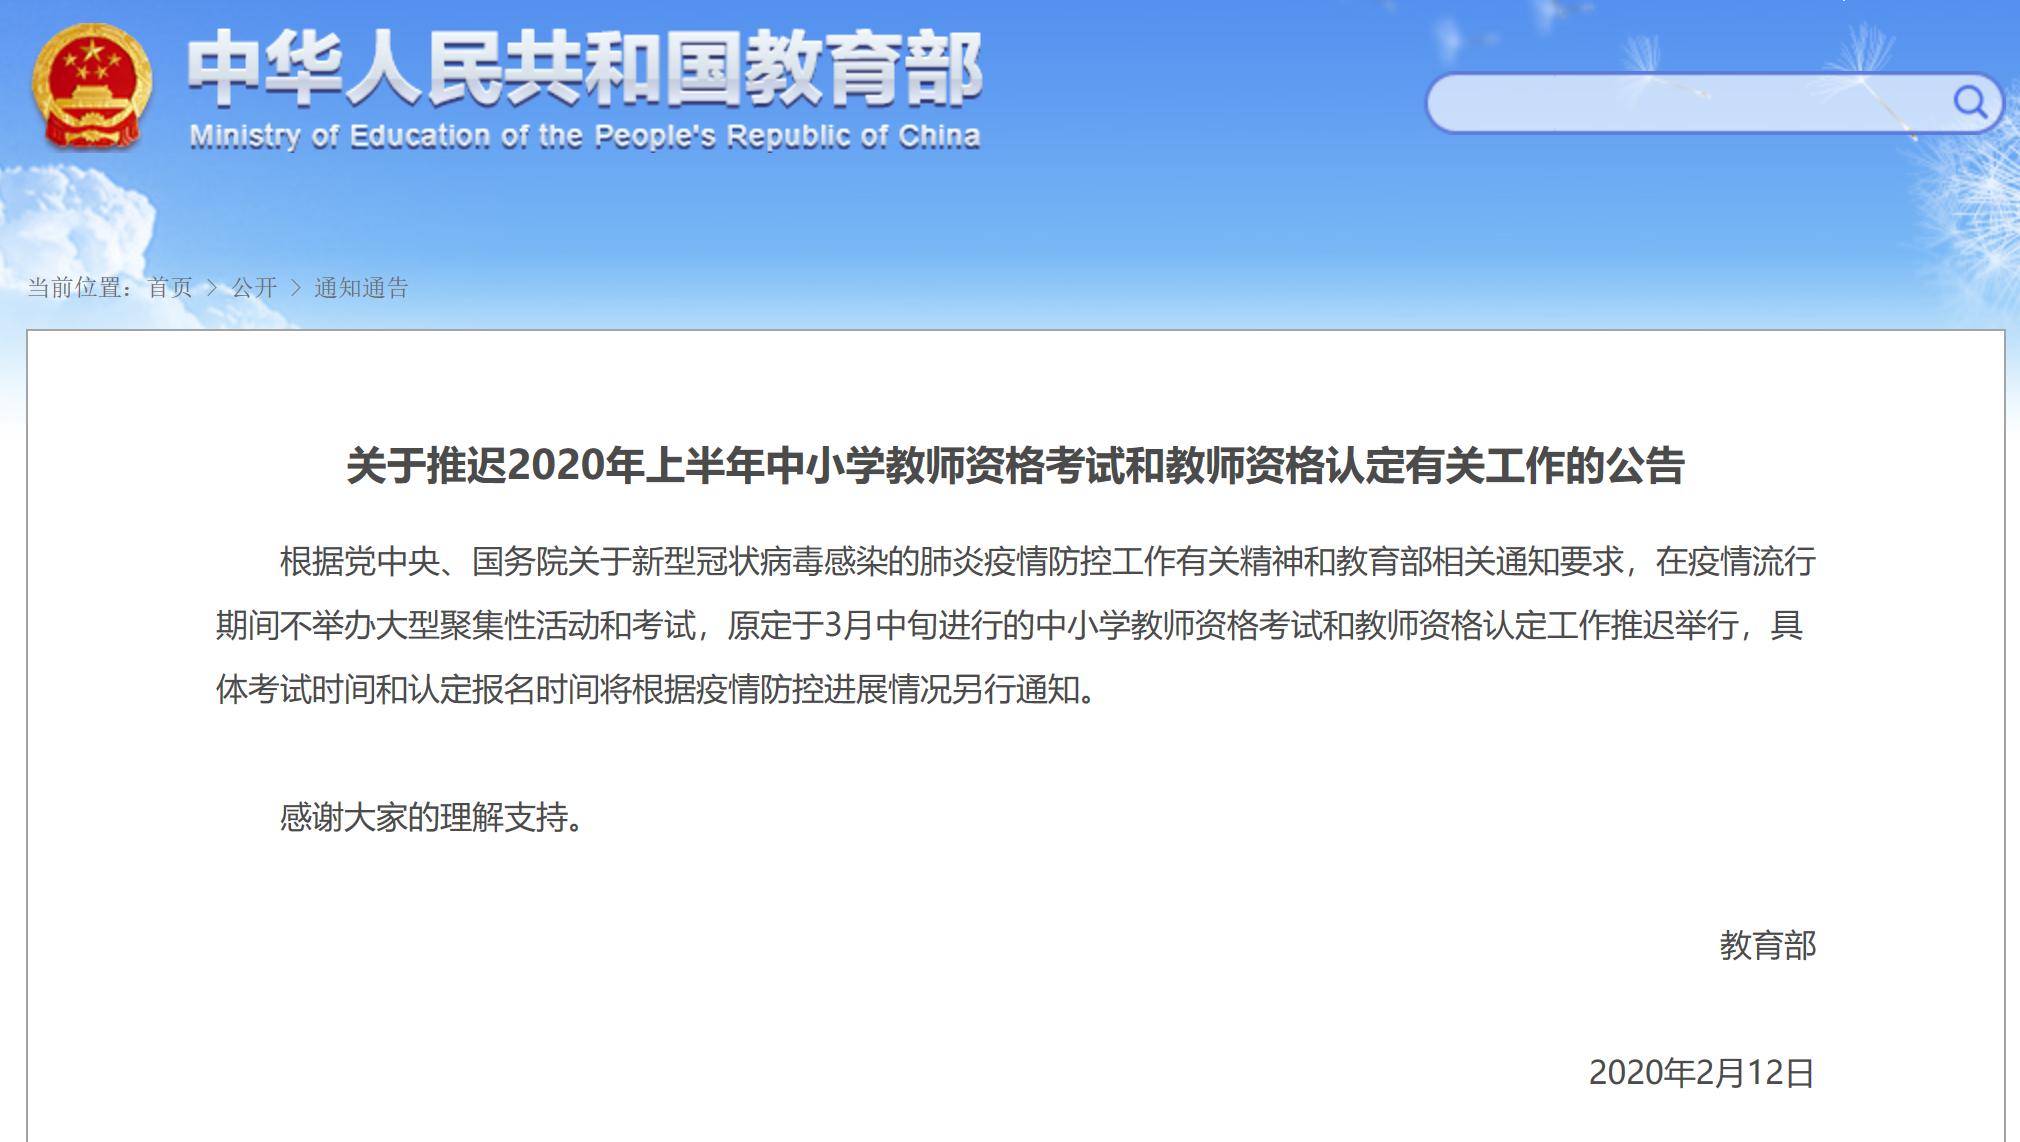 中国NTCE:2020上半年池州教师资